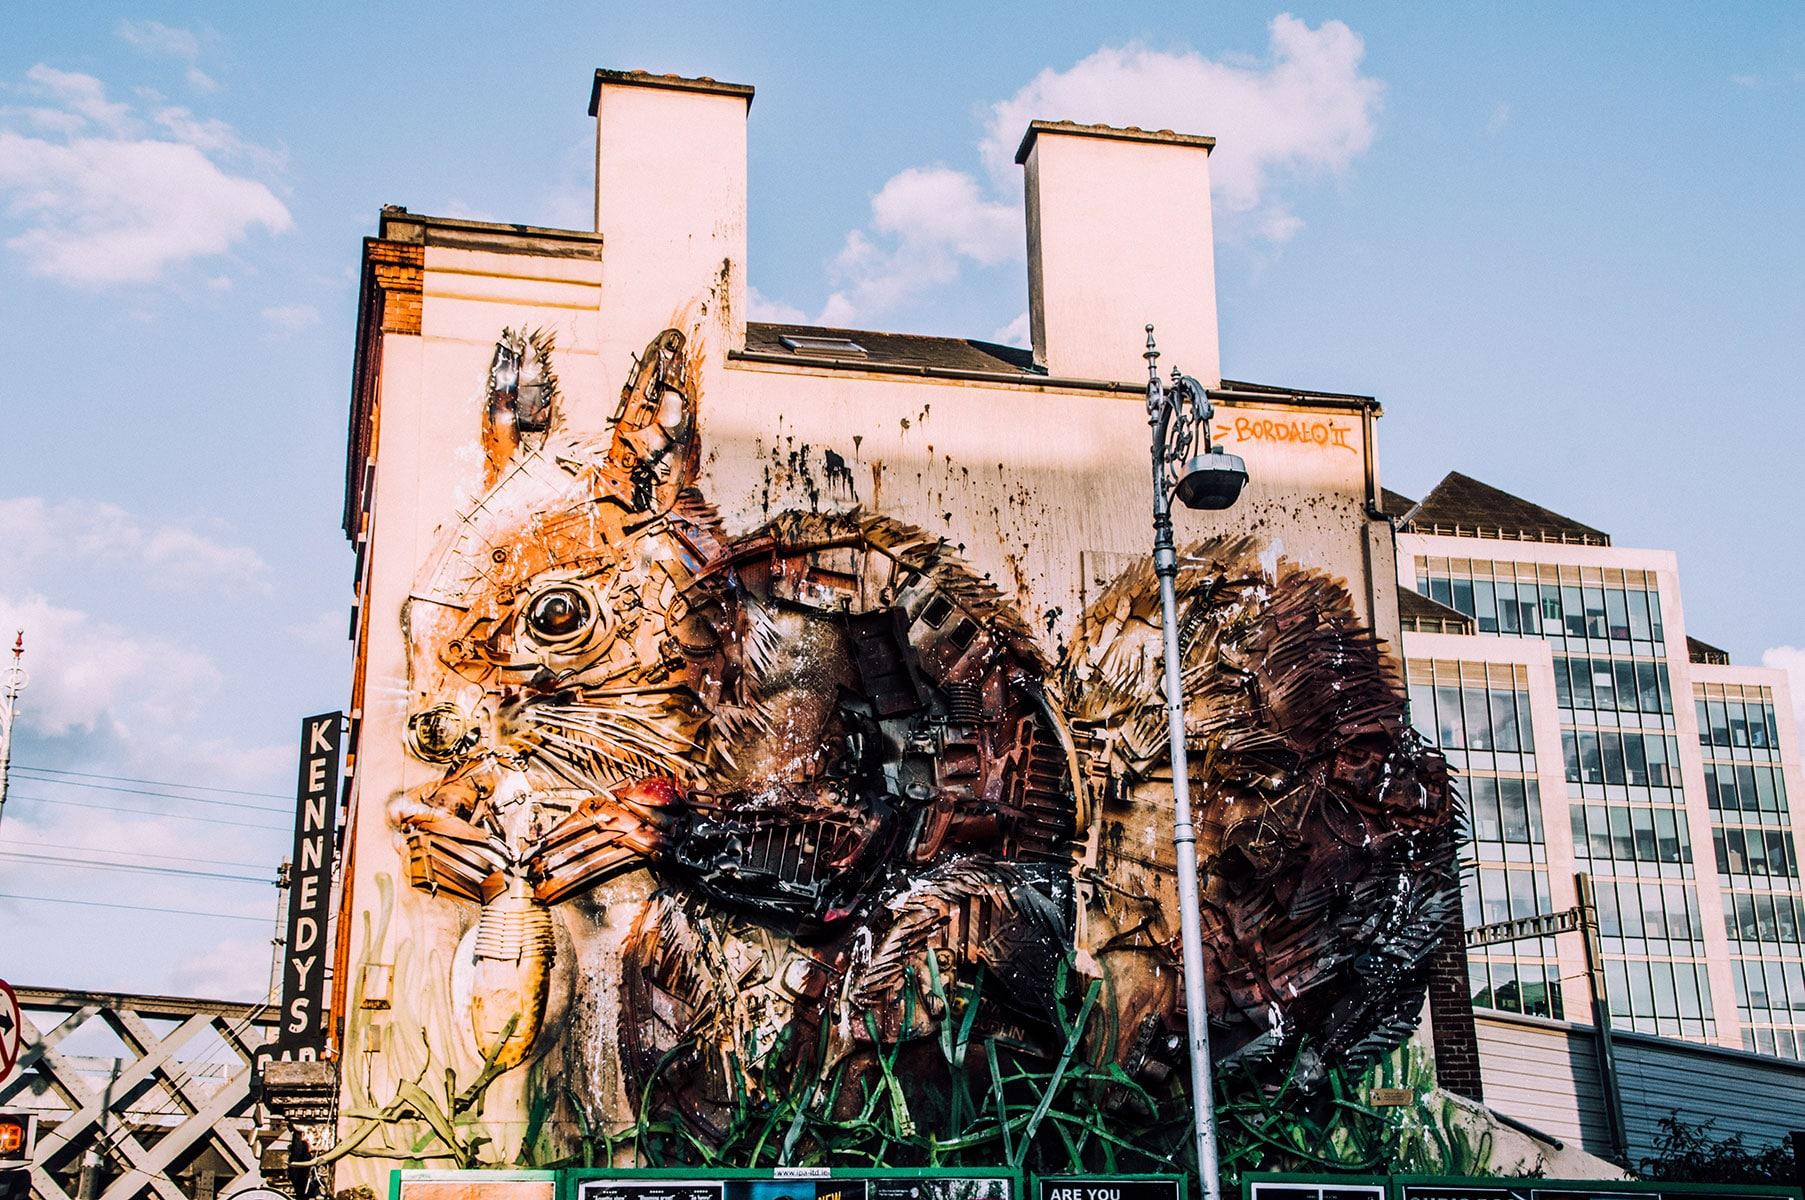 Lapin street art Dublin